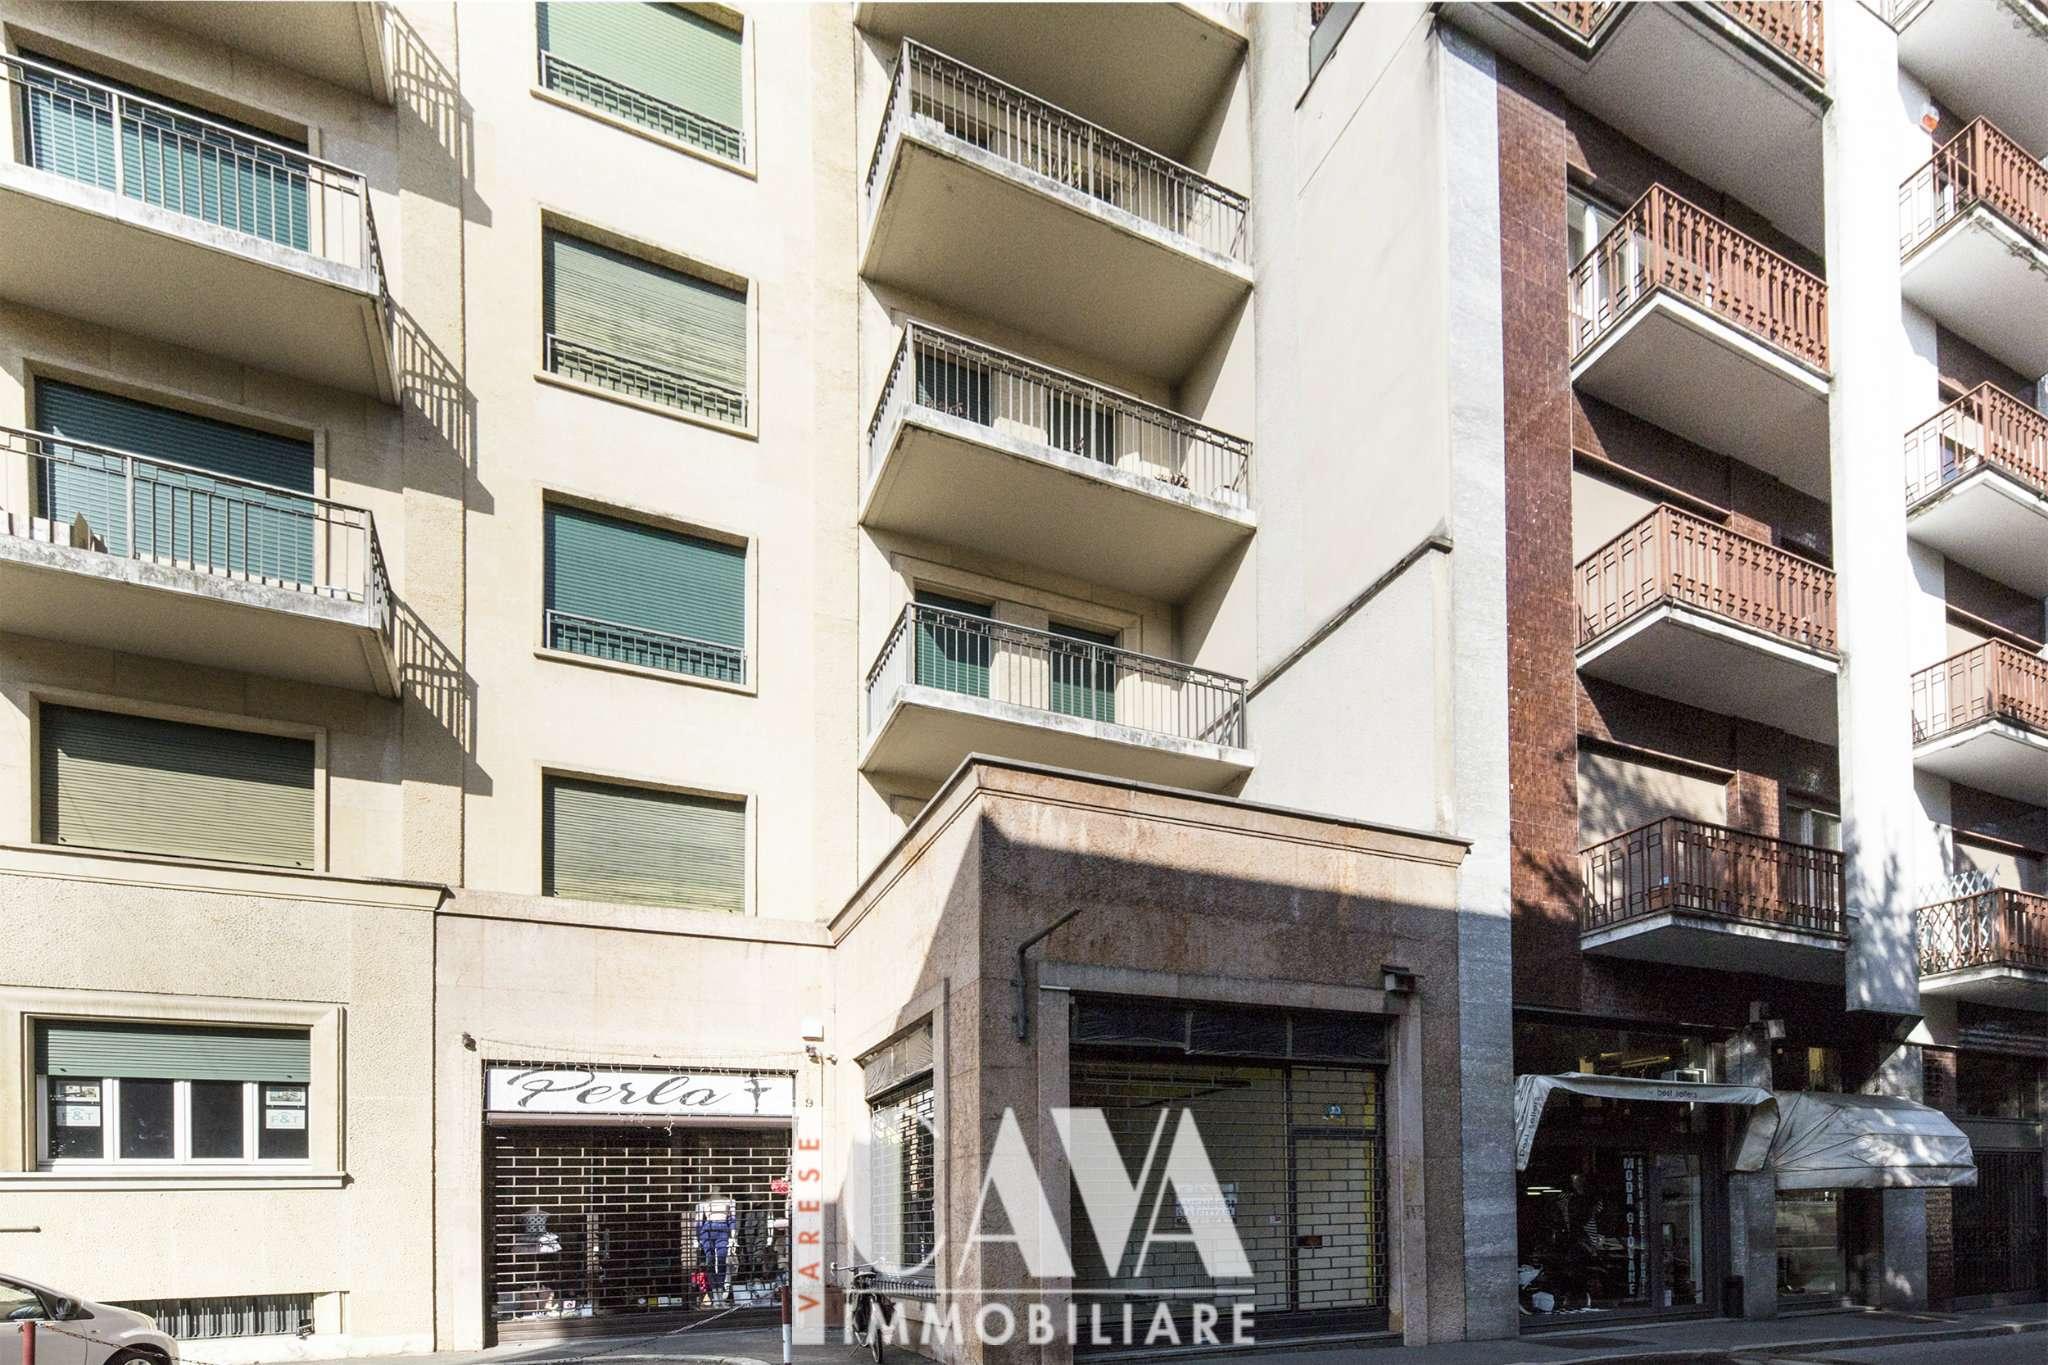 Negozio / Locale in vendita a Varese, 2 locali, prezzo € 135.000 | PortaleAgenzieImmobiliari.it